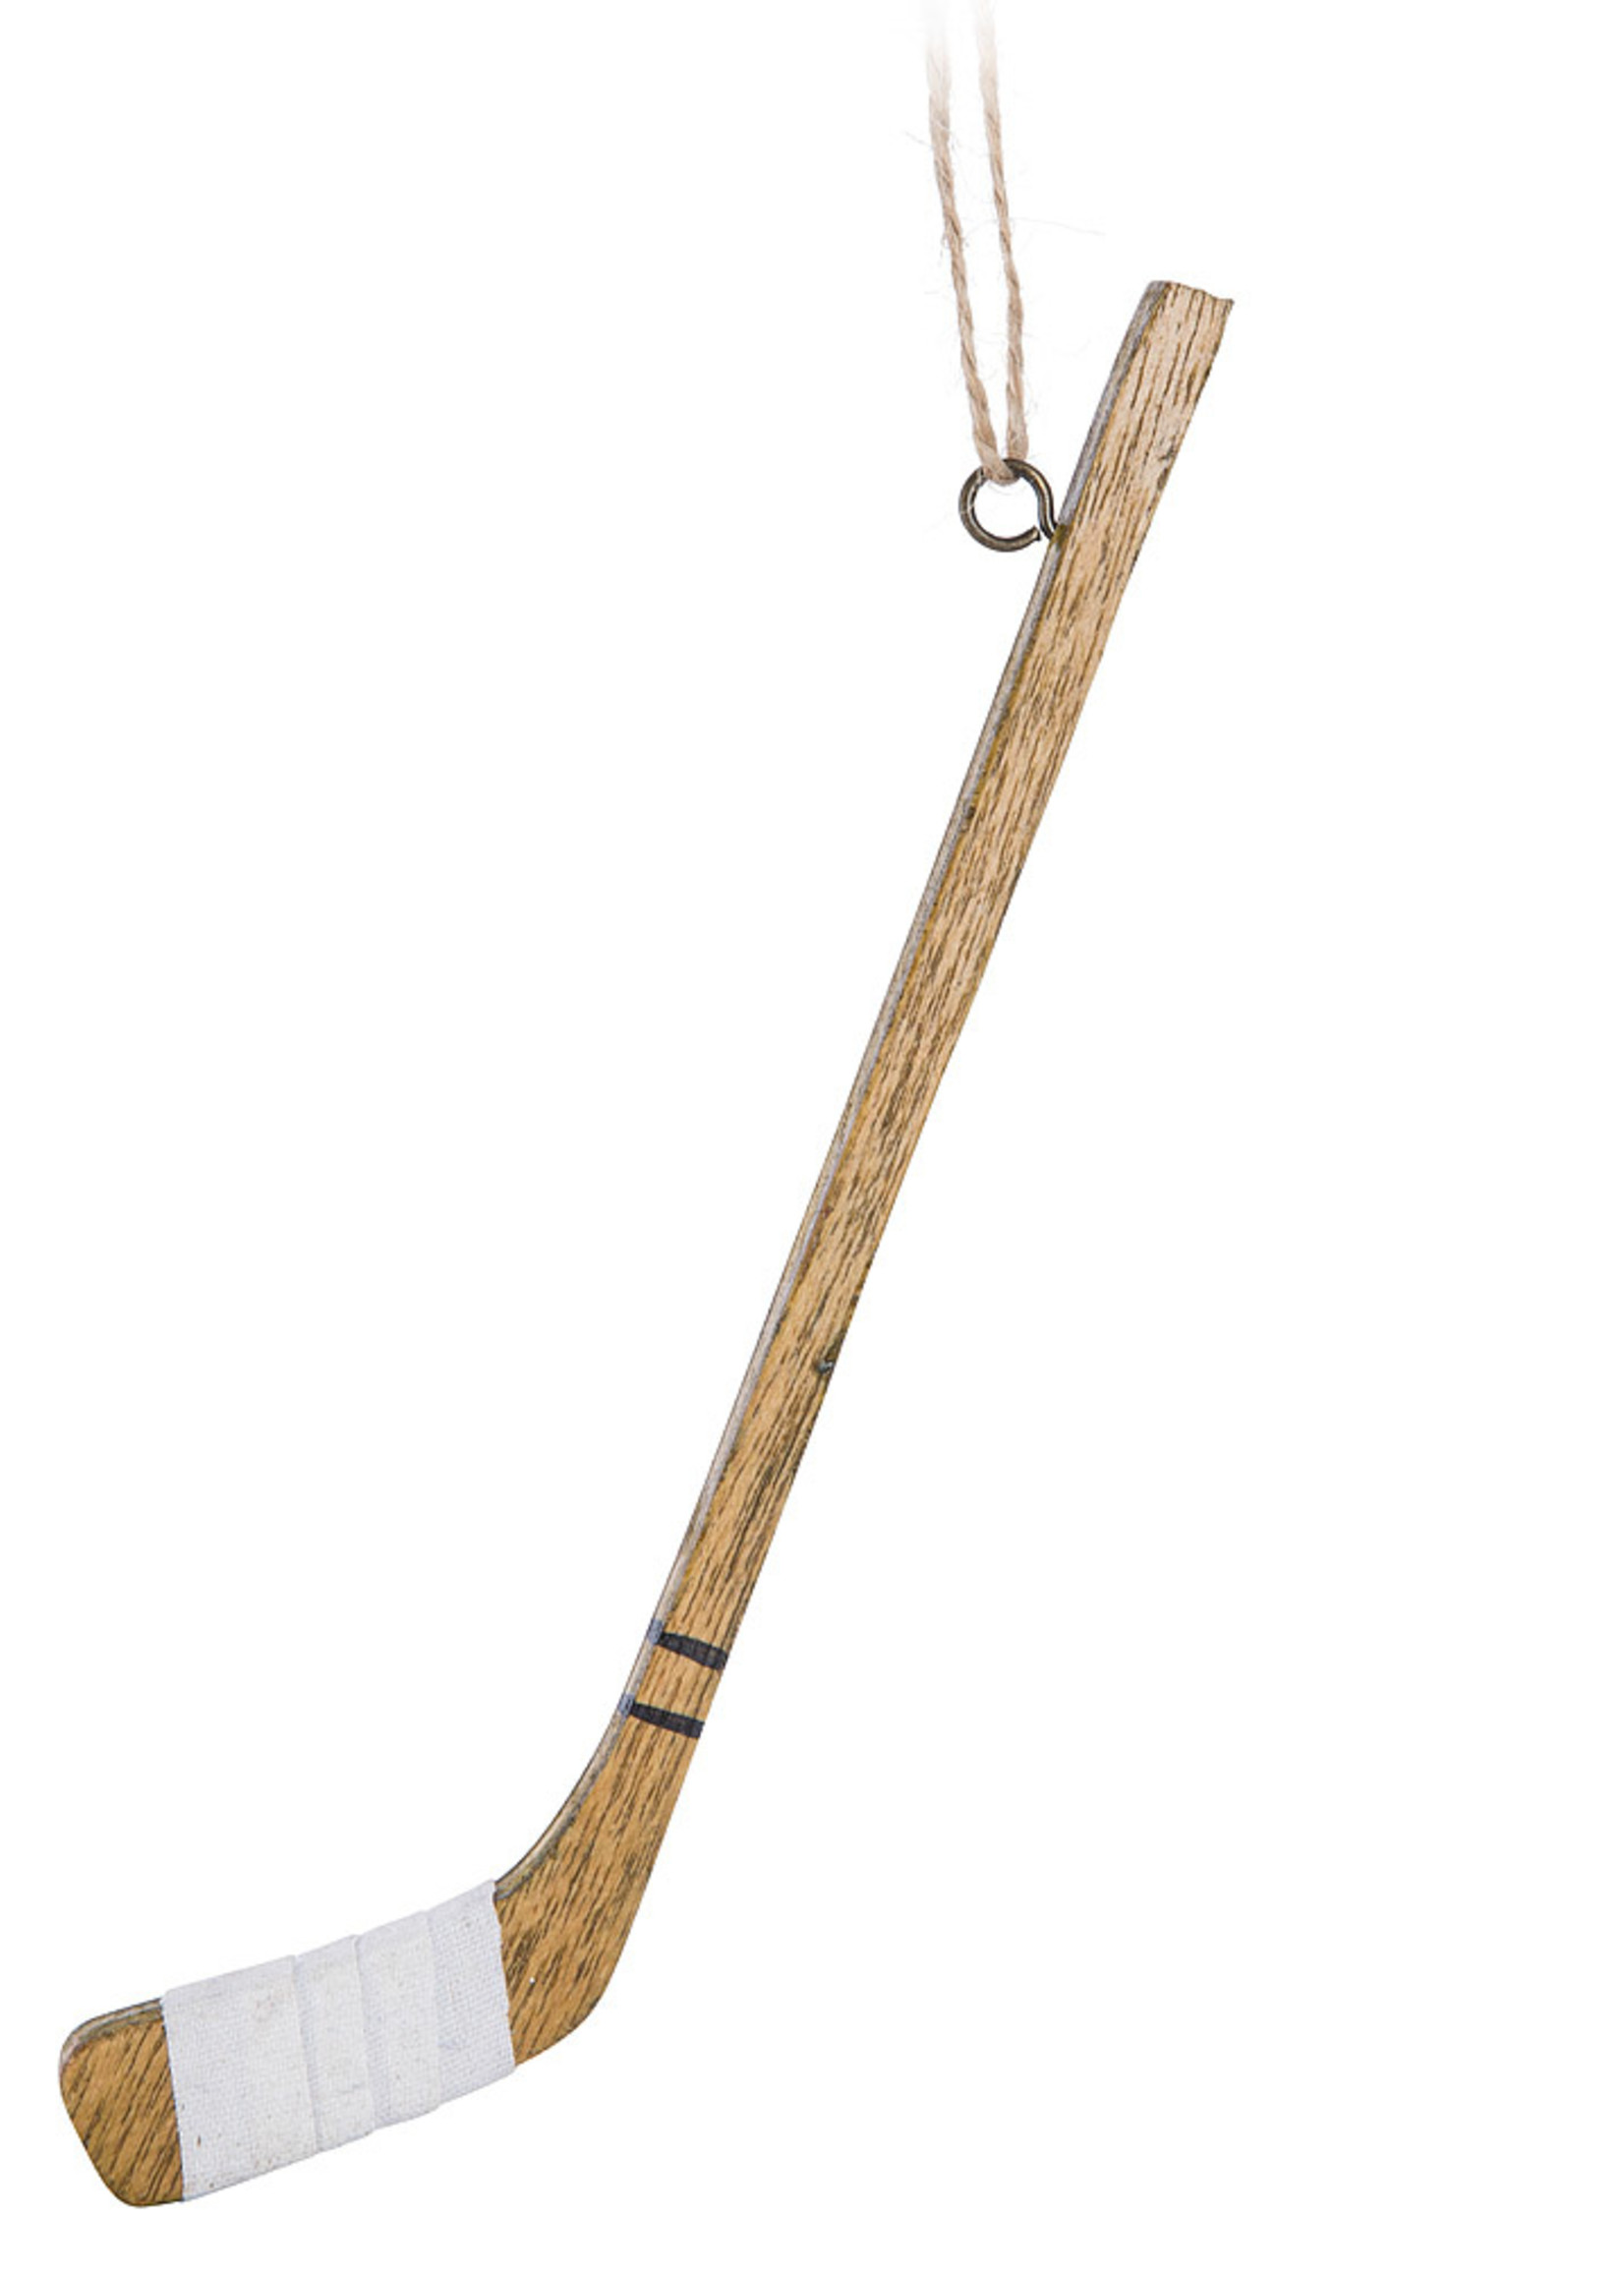 Abbott Hockey Stick Ornament